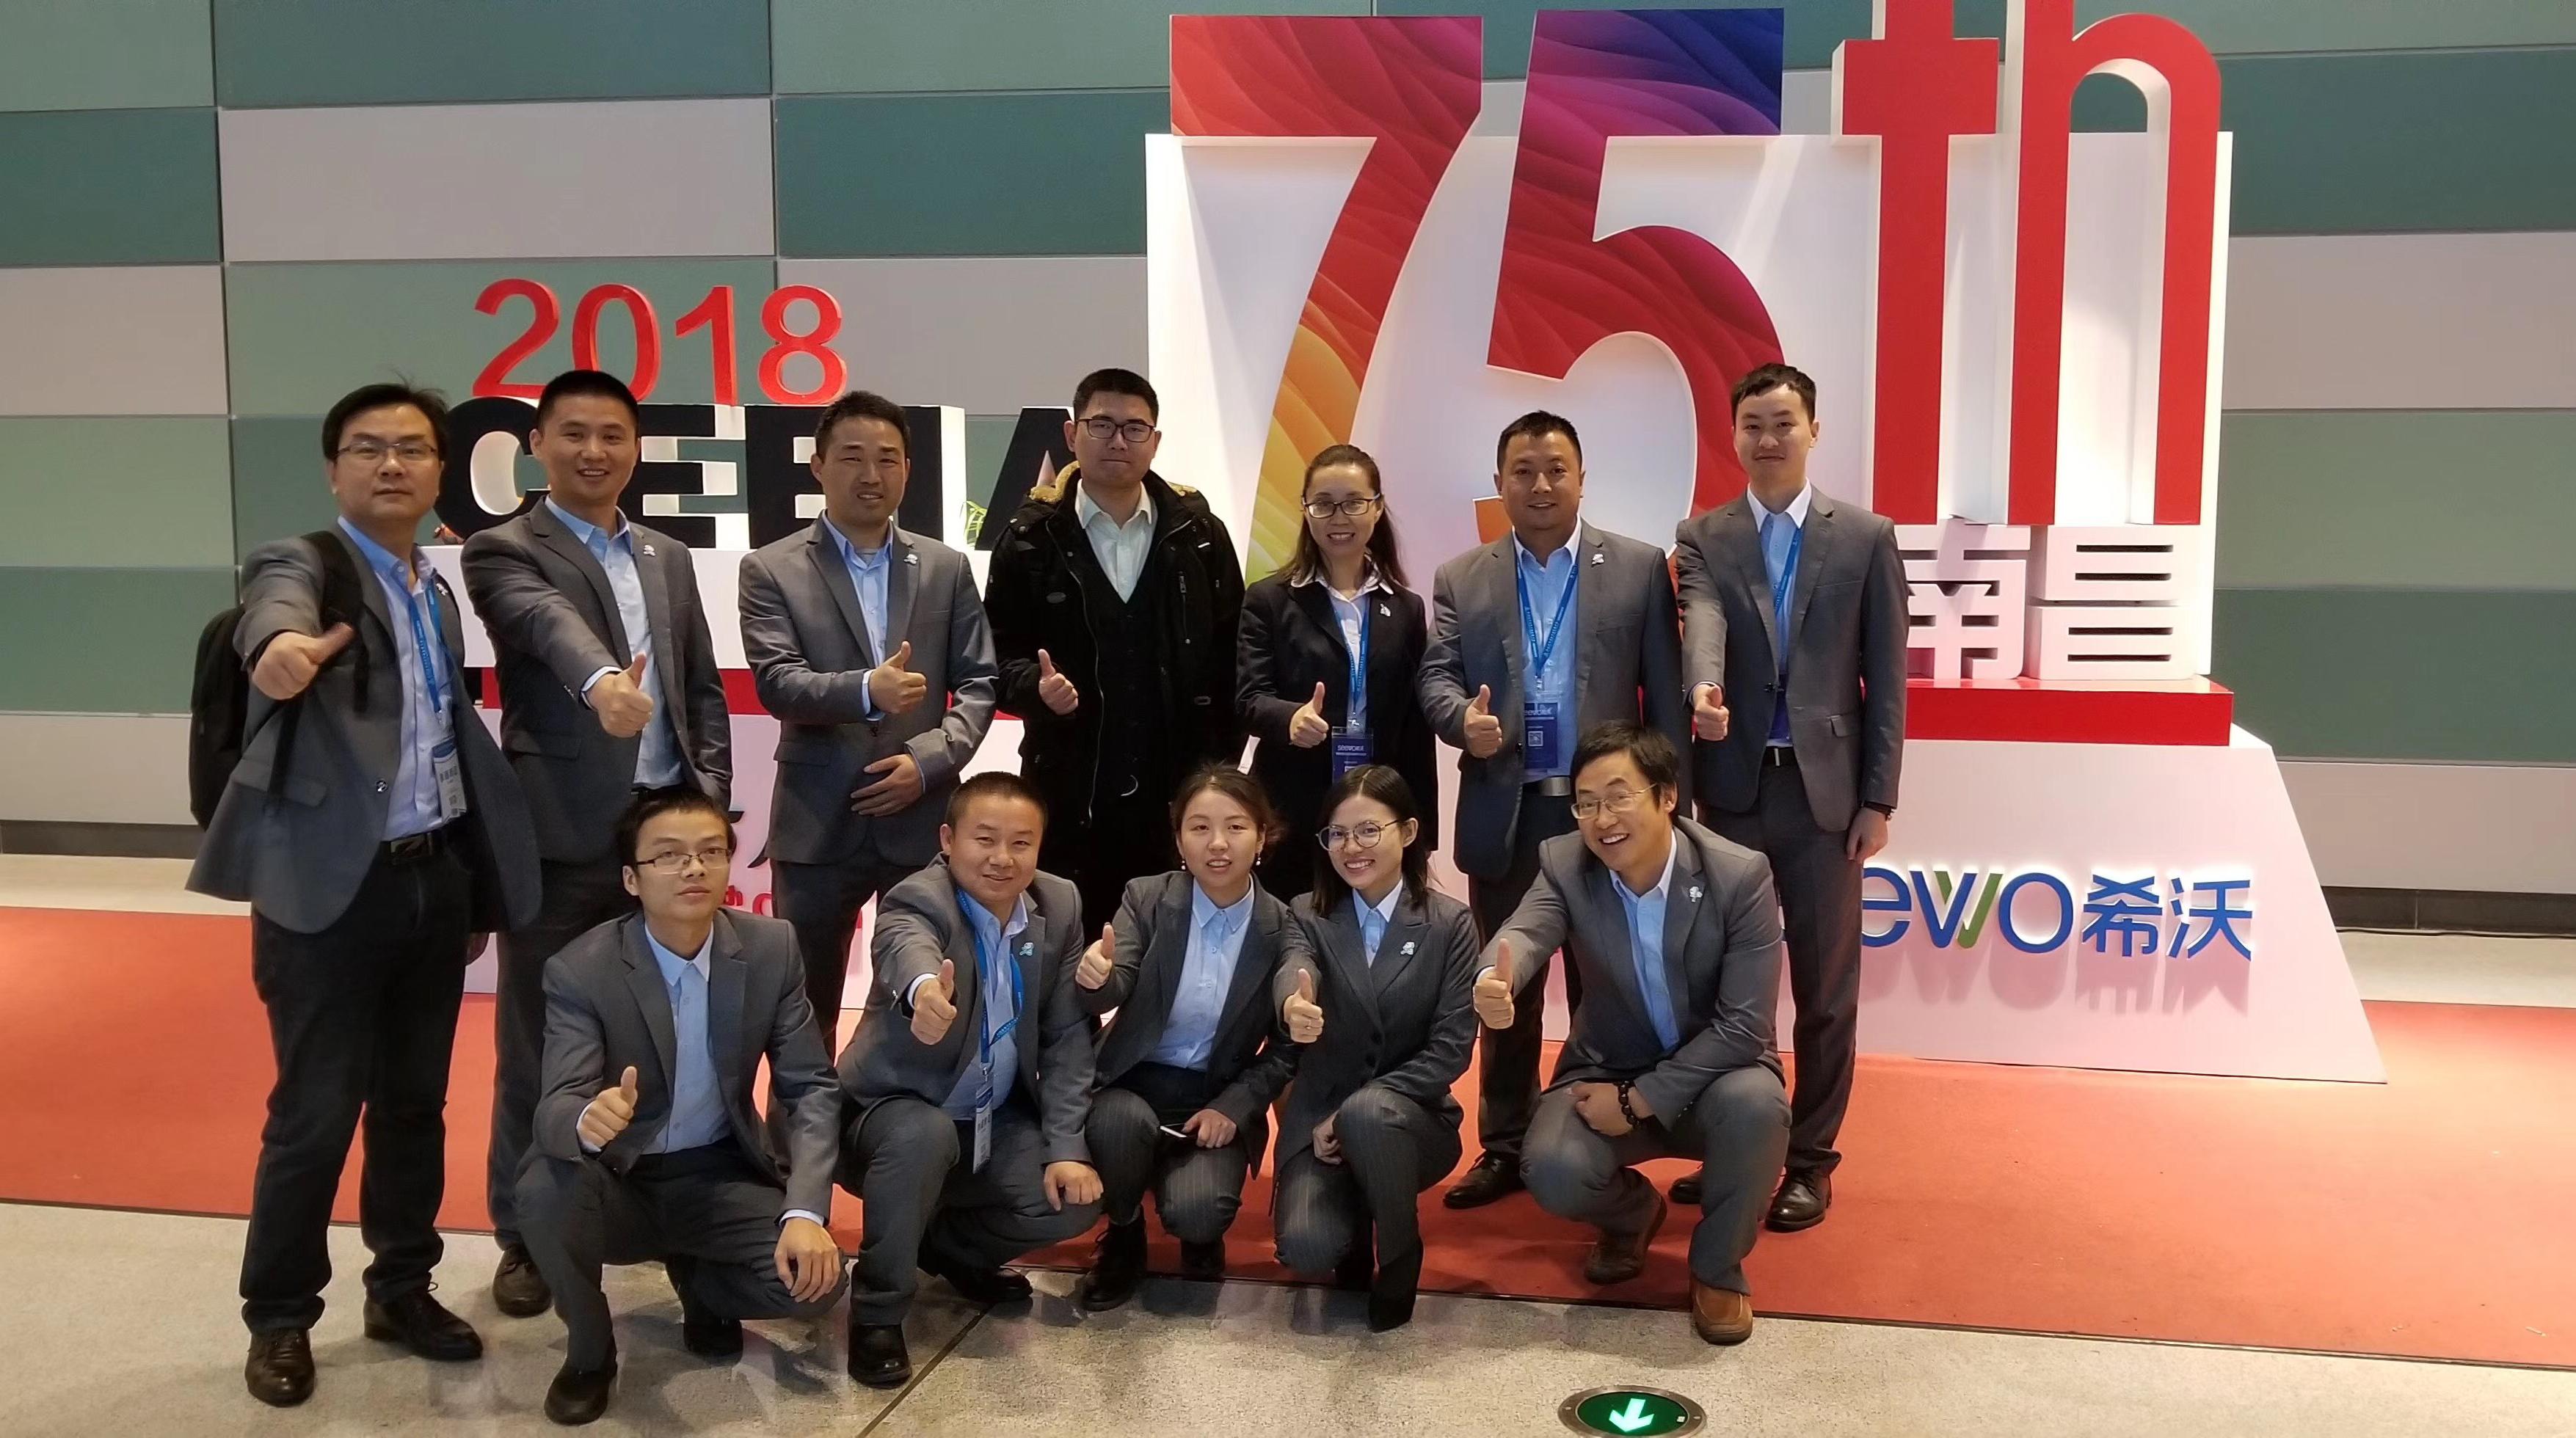 第75届中国教育展(南昌)展会图片